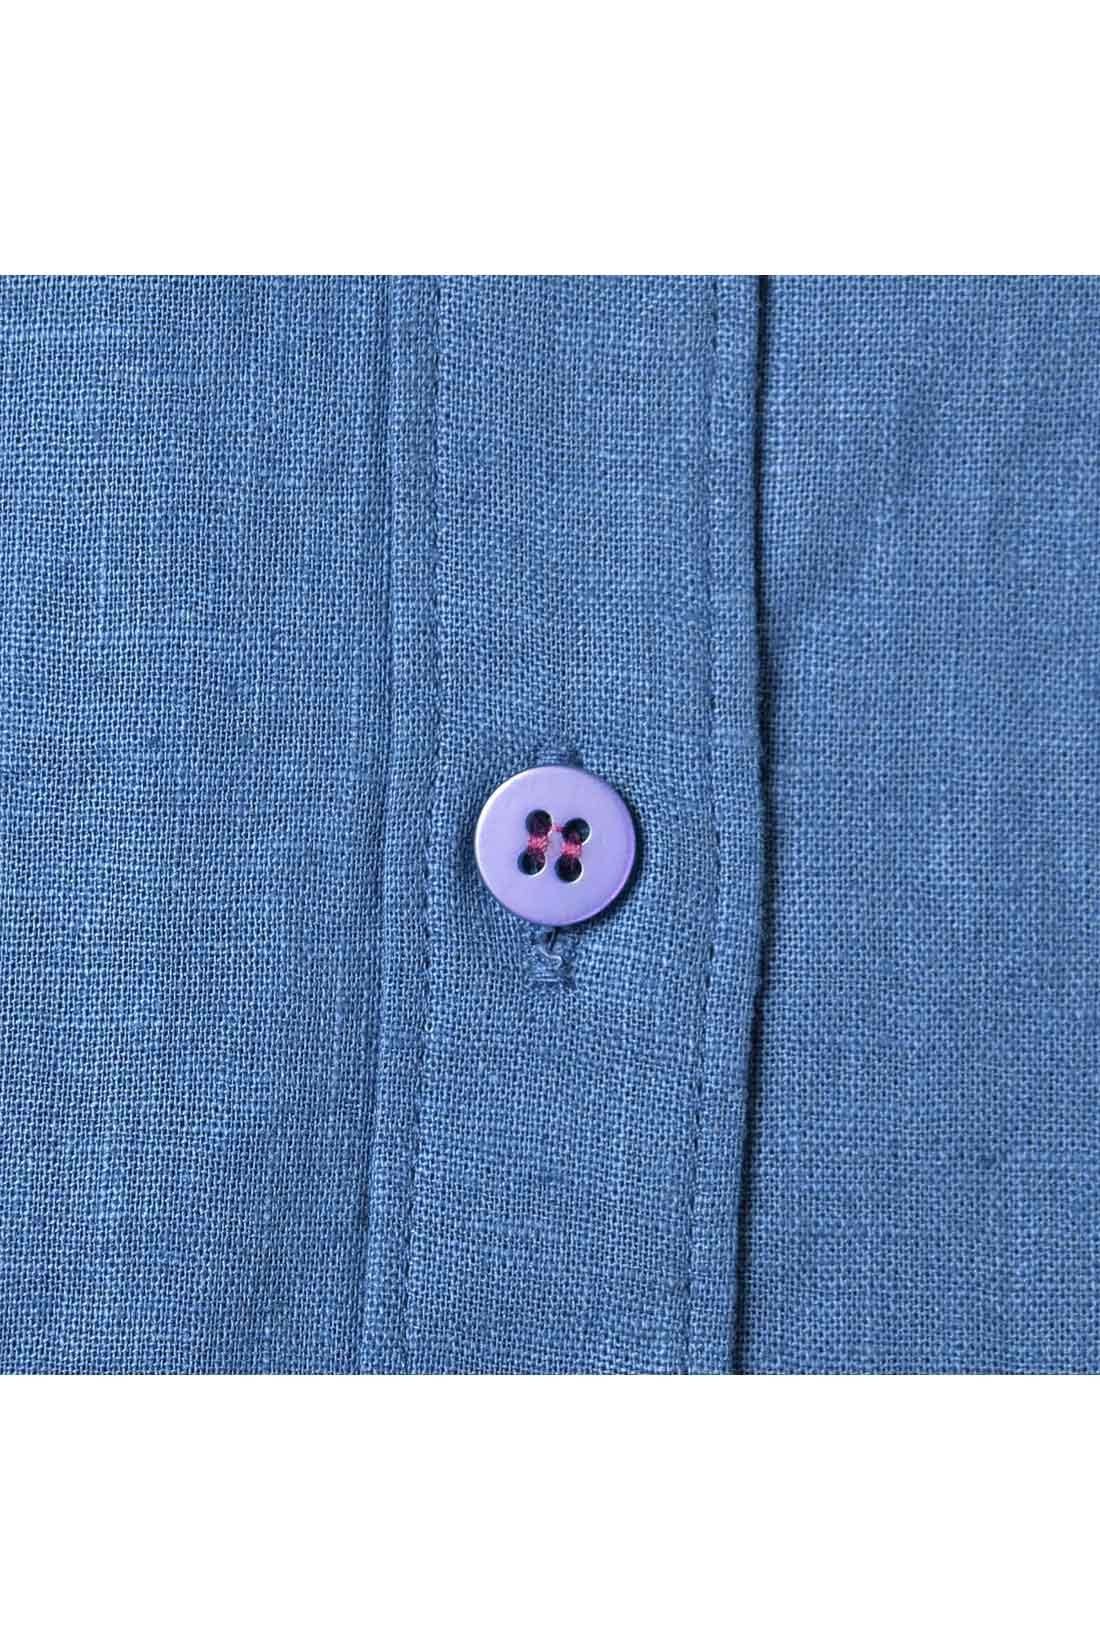 ボタンの留め糸は、こっそりかわいい色を使っています。